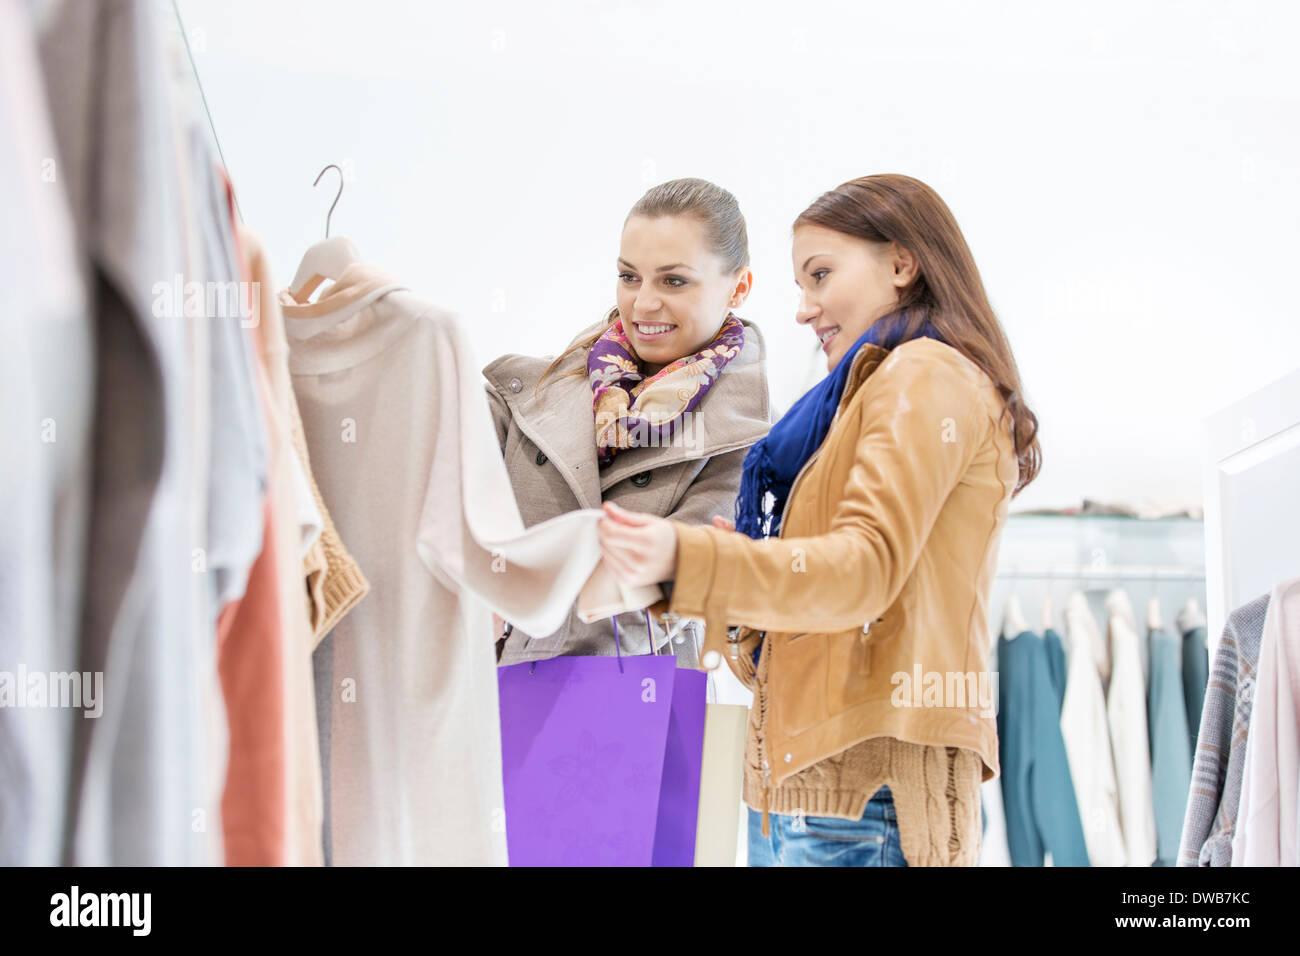 Amigas jóvenes eligiendo suéter en la tienda Imagen De Stock